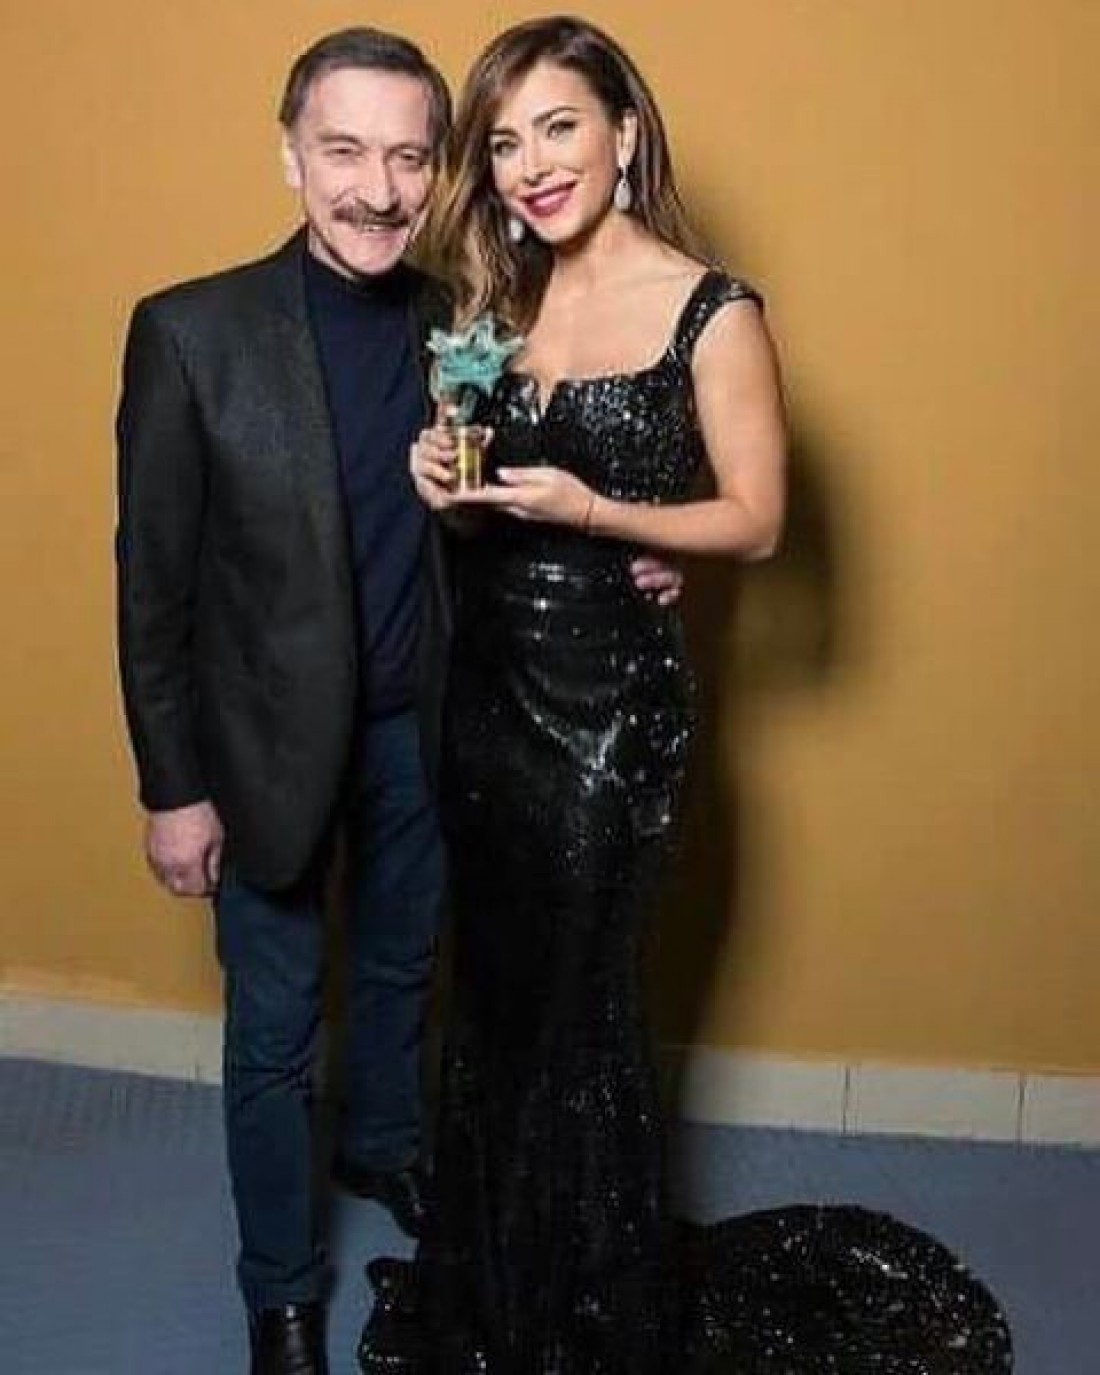 Фото, которое разместила в Сети Ани Лорак. Она стоит рядом с Александром Тихановичем